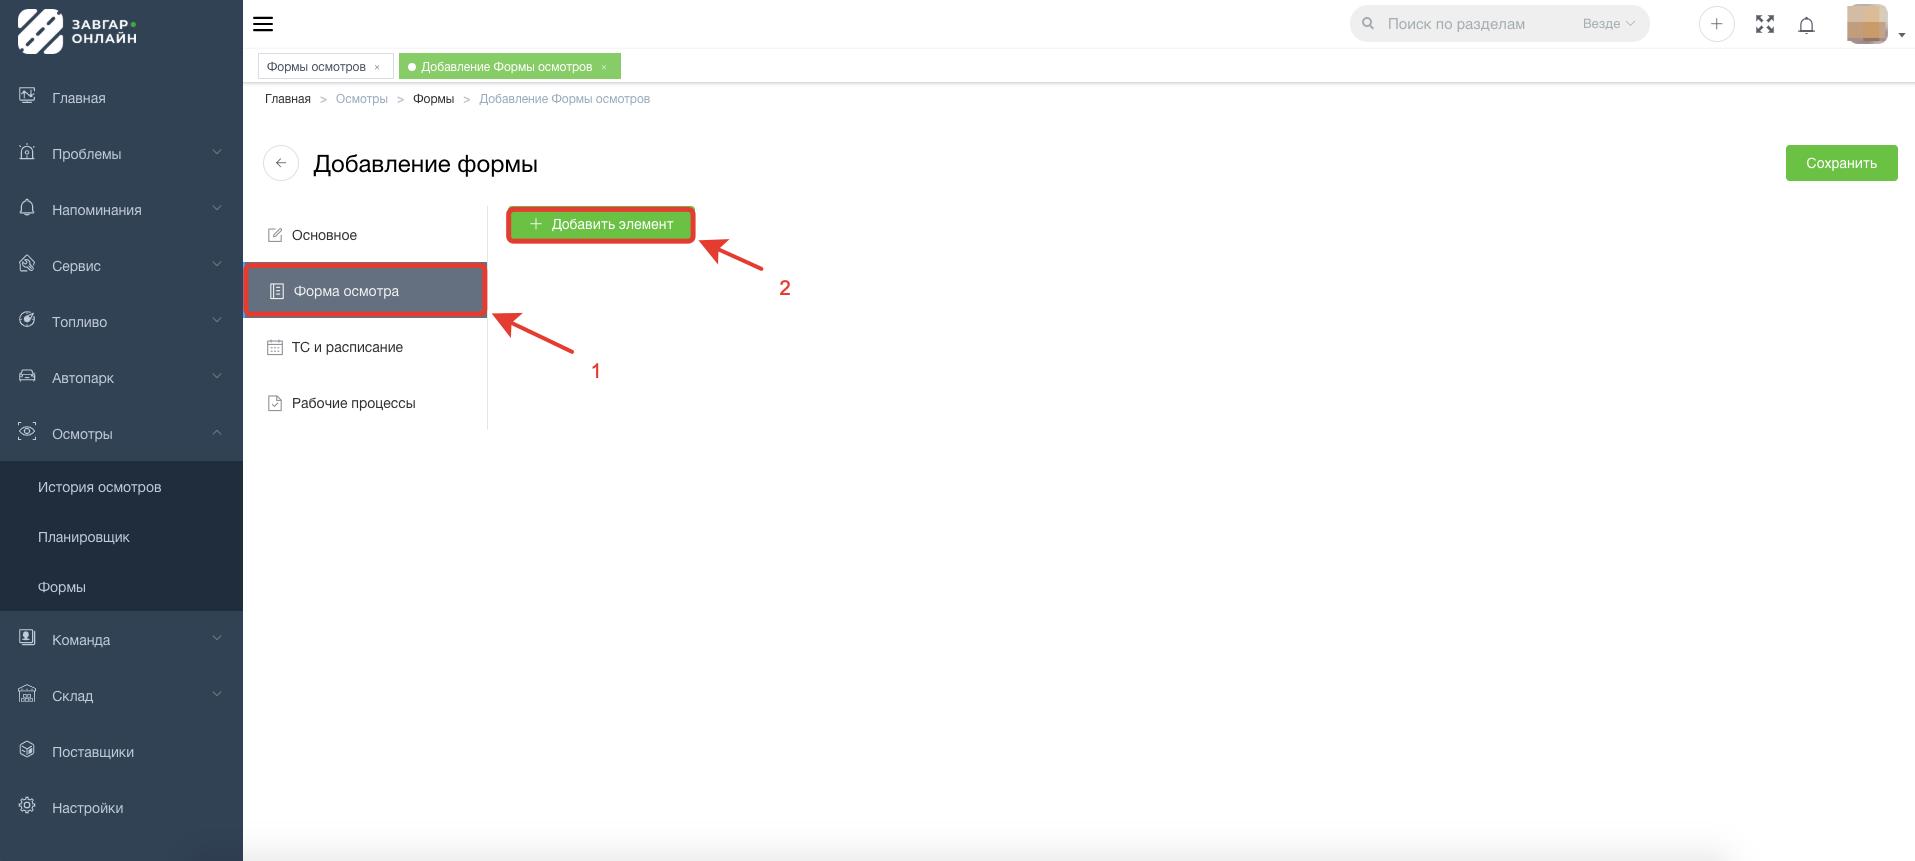 Процесс создания электронных форм технического осмотра в систе Завгар Онлайн 2